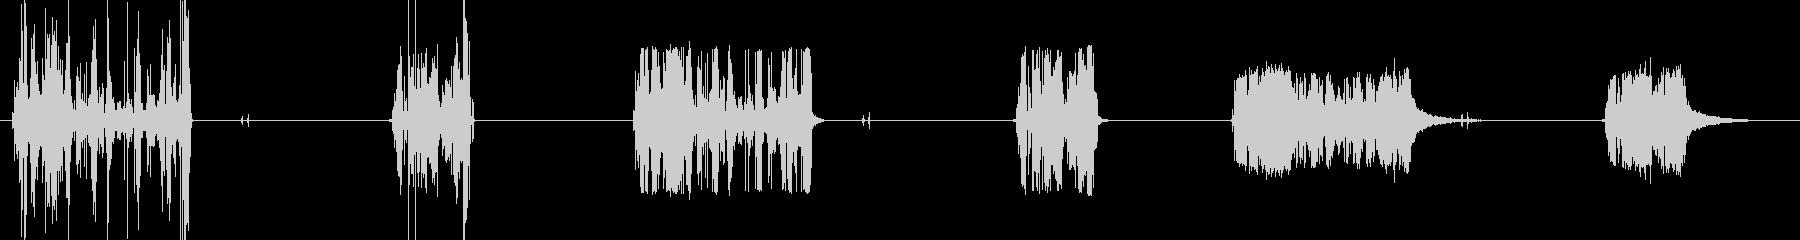 リトラクタブル電源コード、X 3ル...の未再生の波形